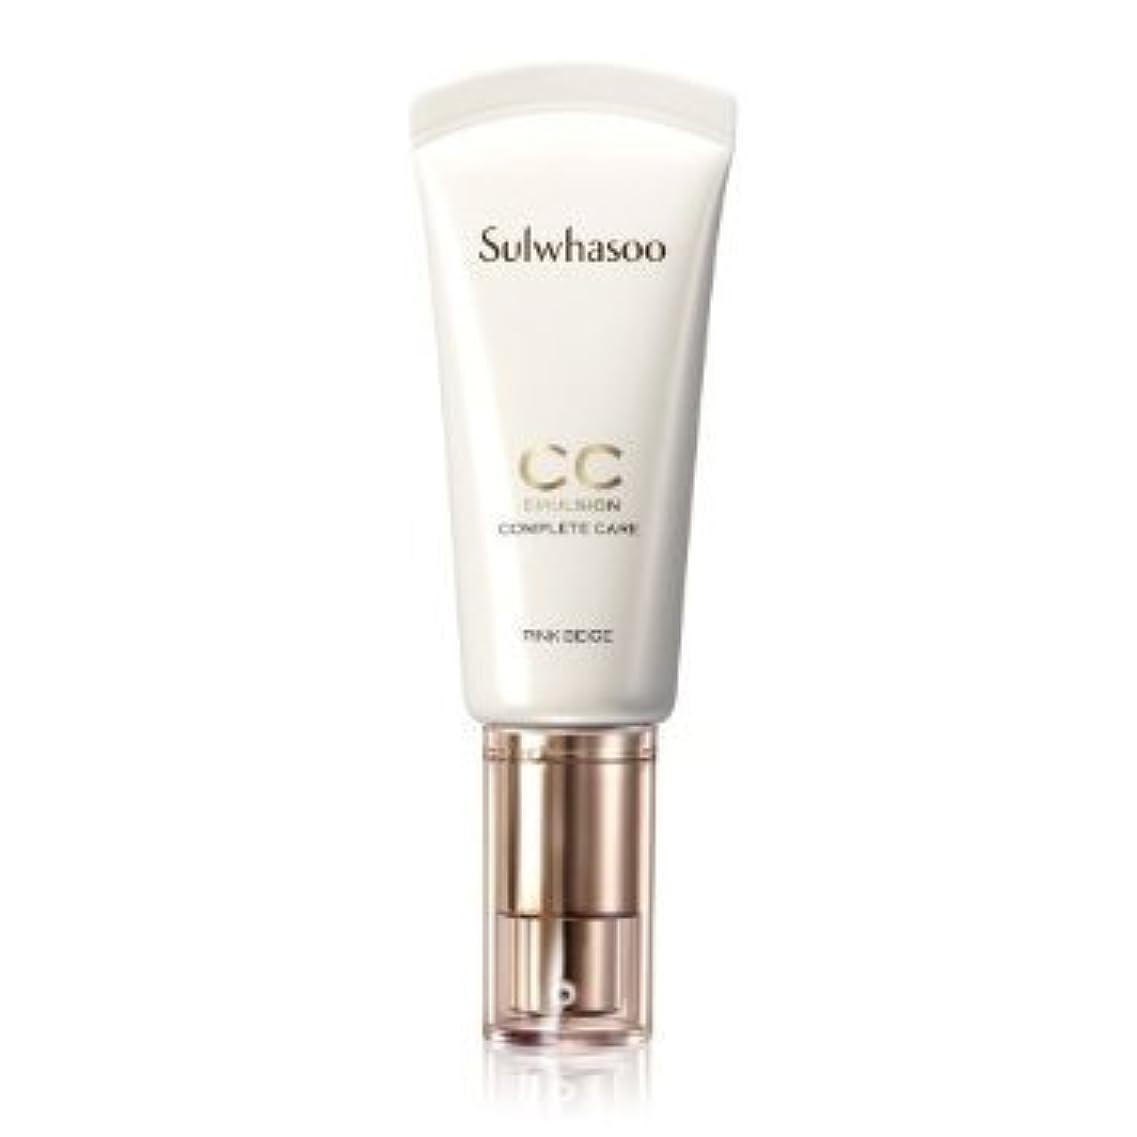 自分自身考えた論理的Sulwhasoo CC Emulsion BB Cream Blemish Balm #02 Medium Beige[並行輸入品]